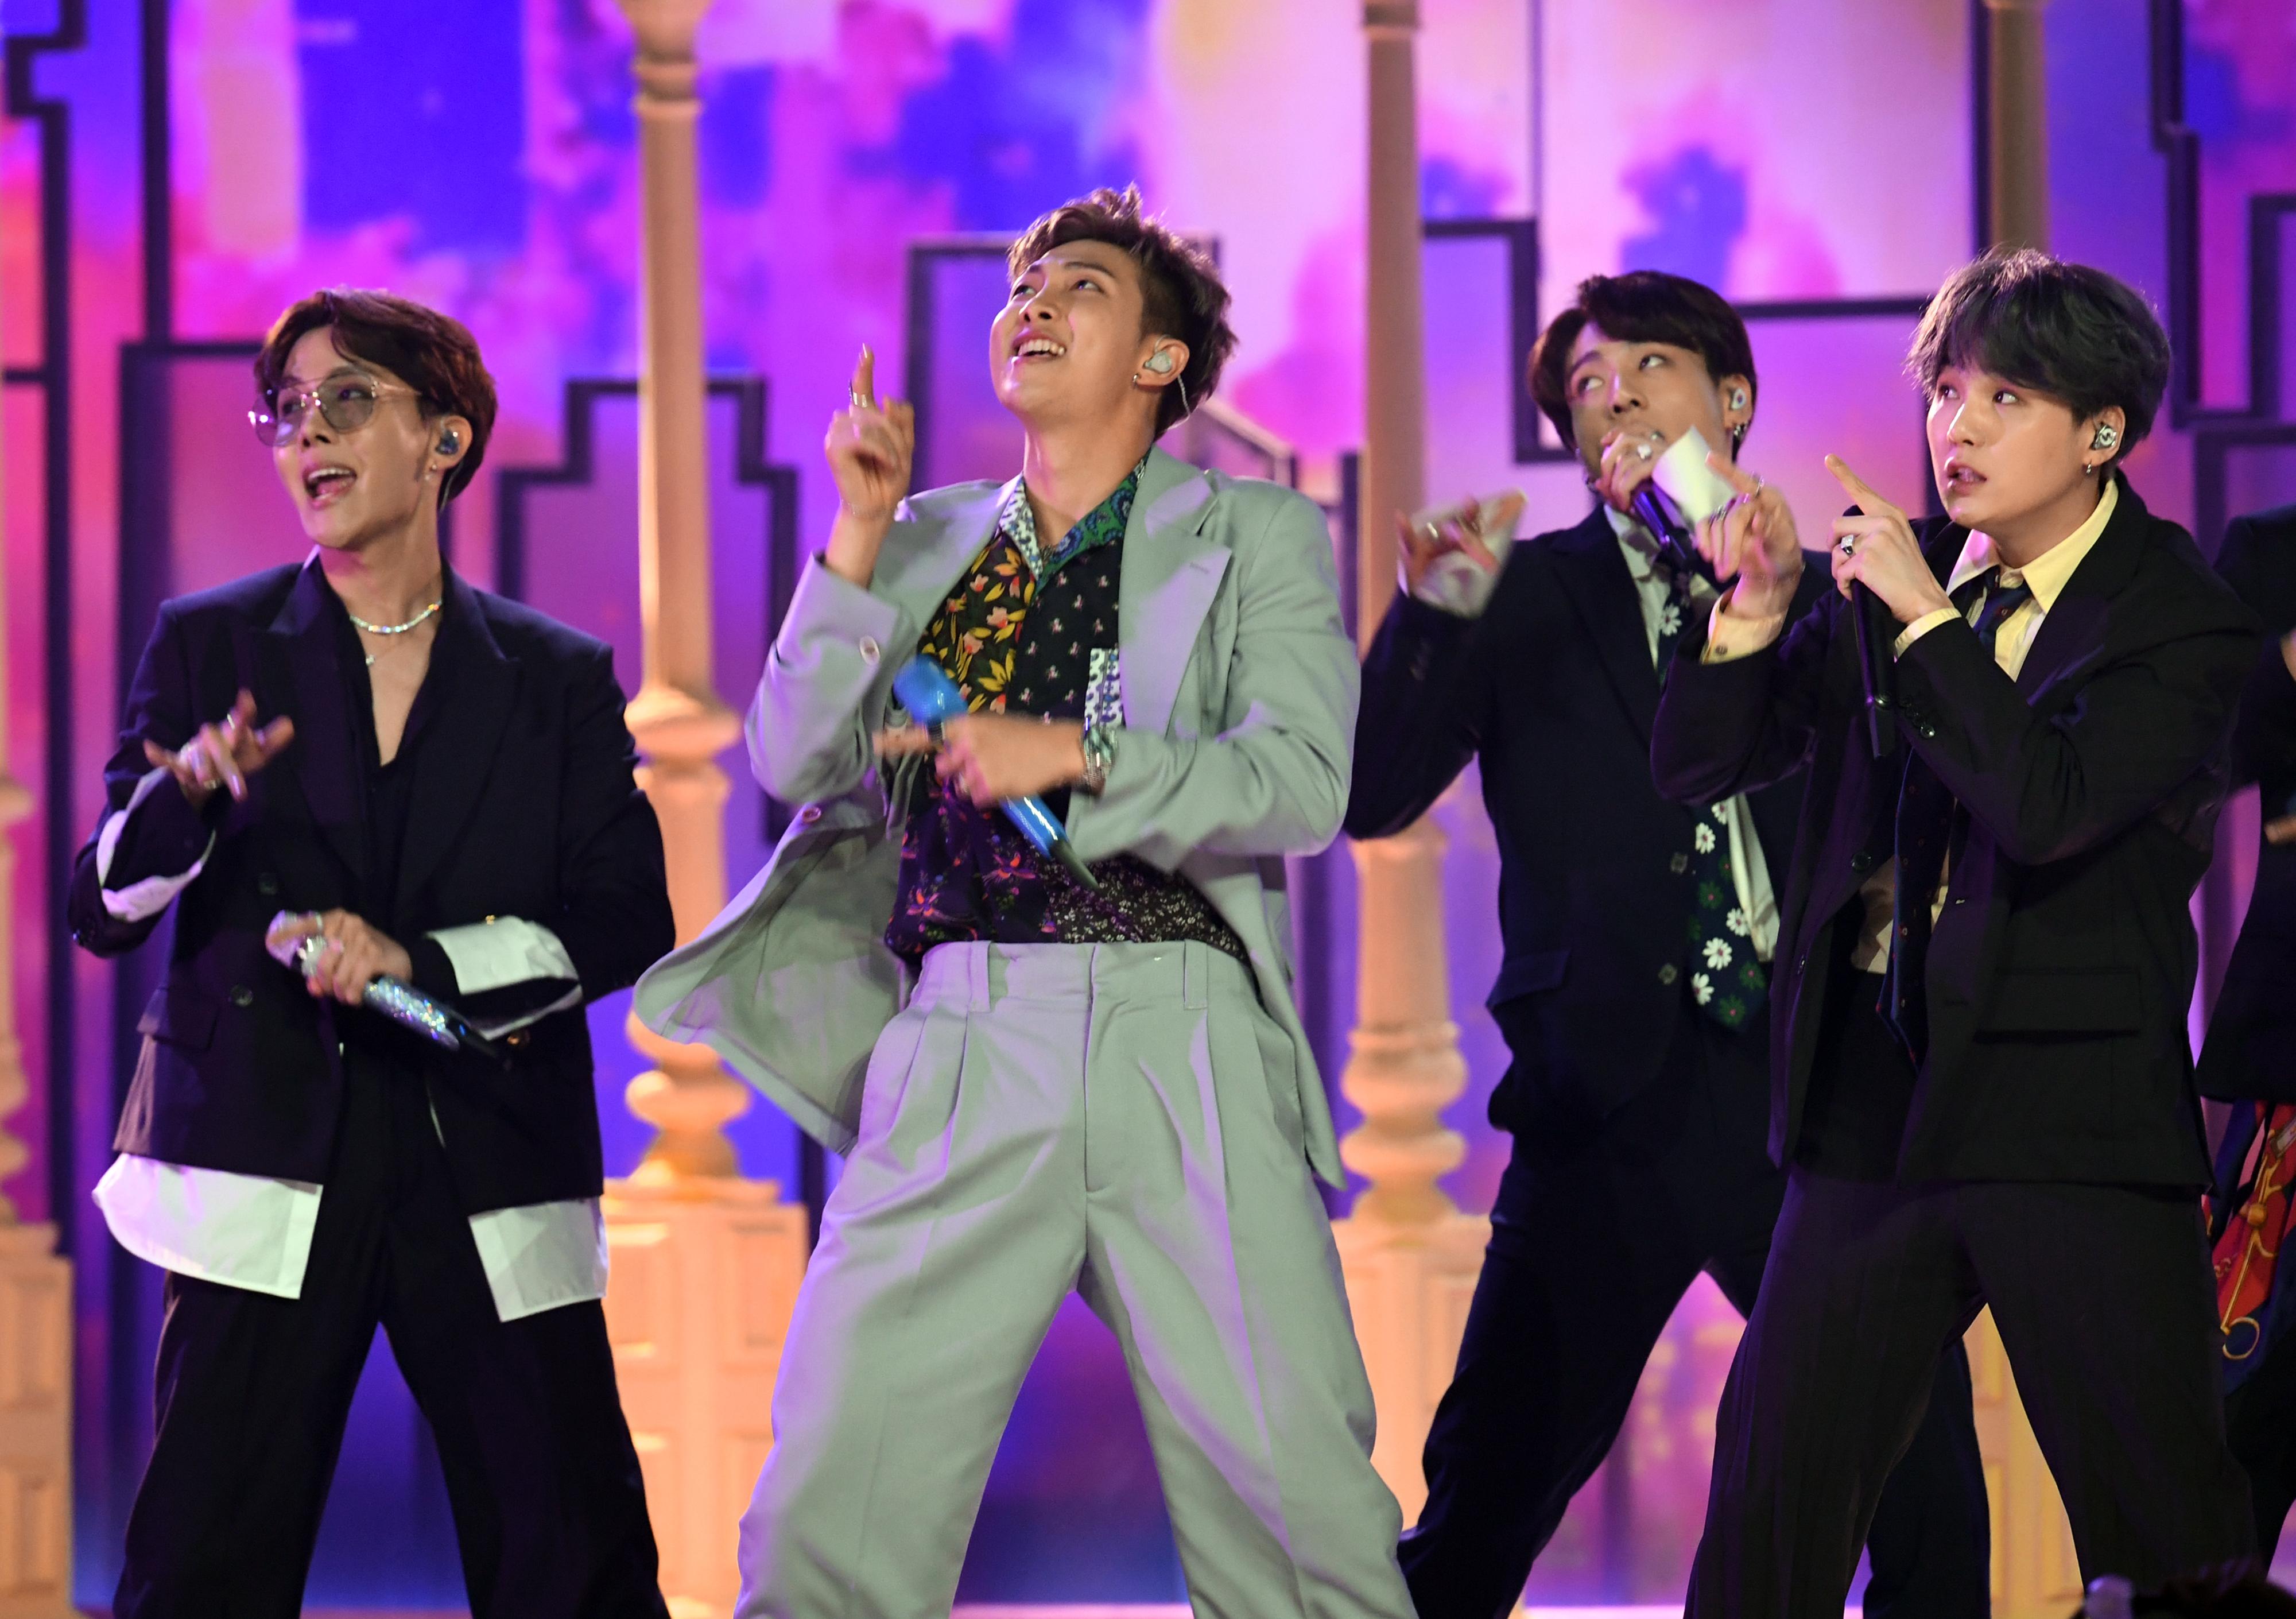 Кейпоп бандата Би Ти Си получи наградата в категорията най-добър дует/група. Групата Имаджин Драгънс спечелиха наградата за най-добри рок изпълнители.